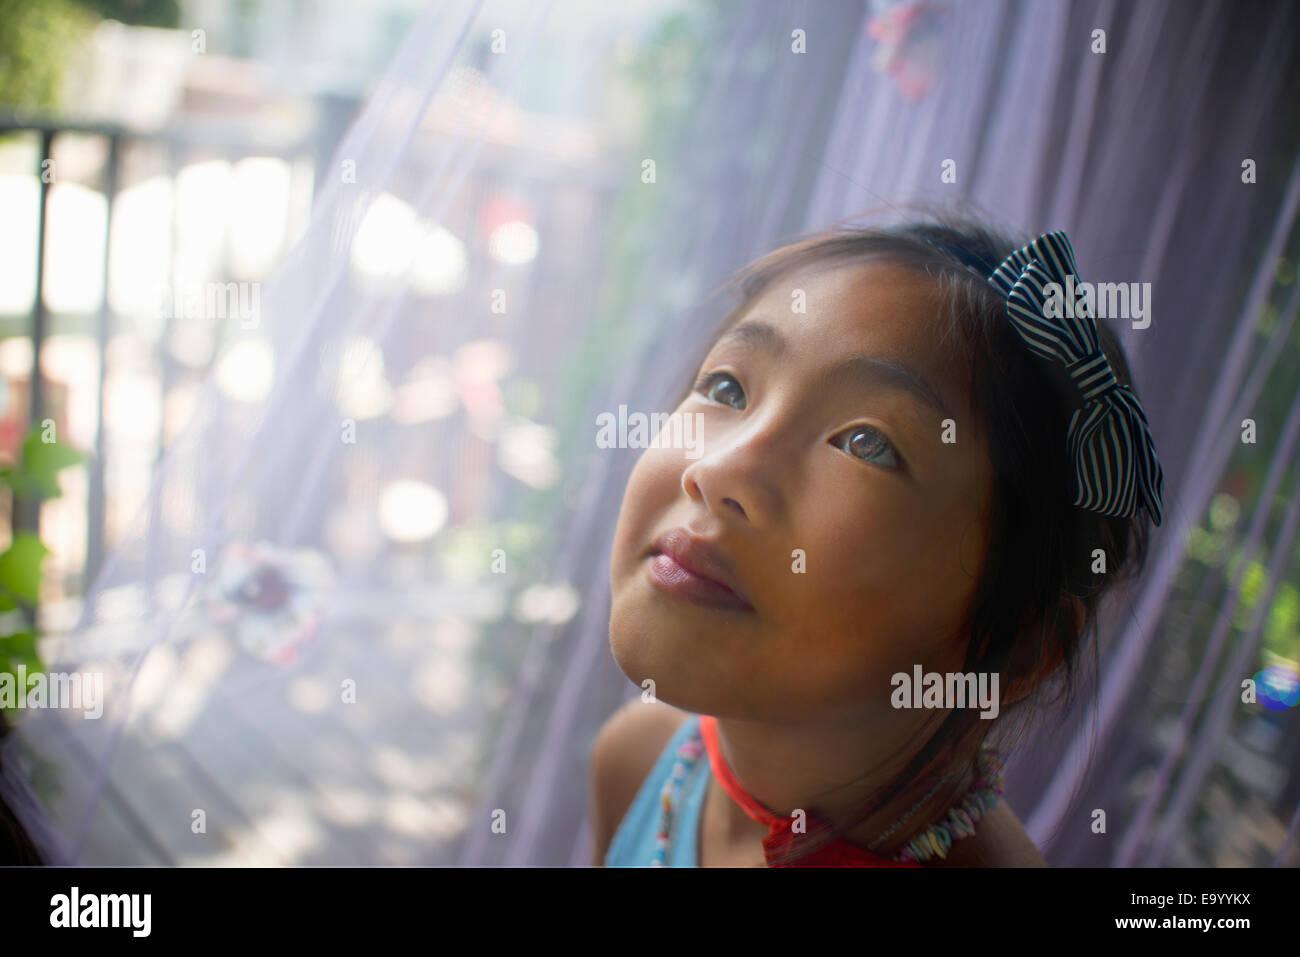 Portrait de jeune fille asiatique, tête et épaules, close-up Photo Stock